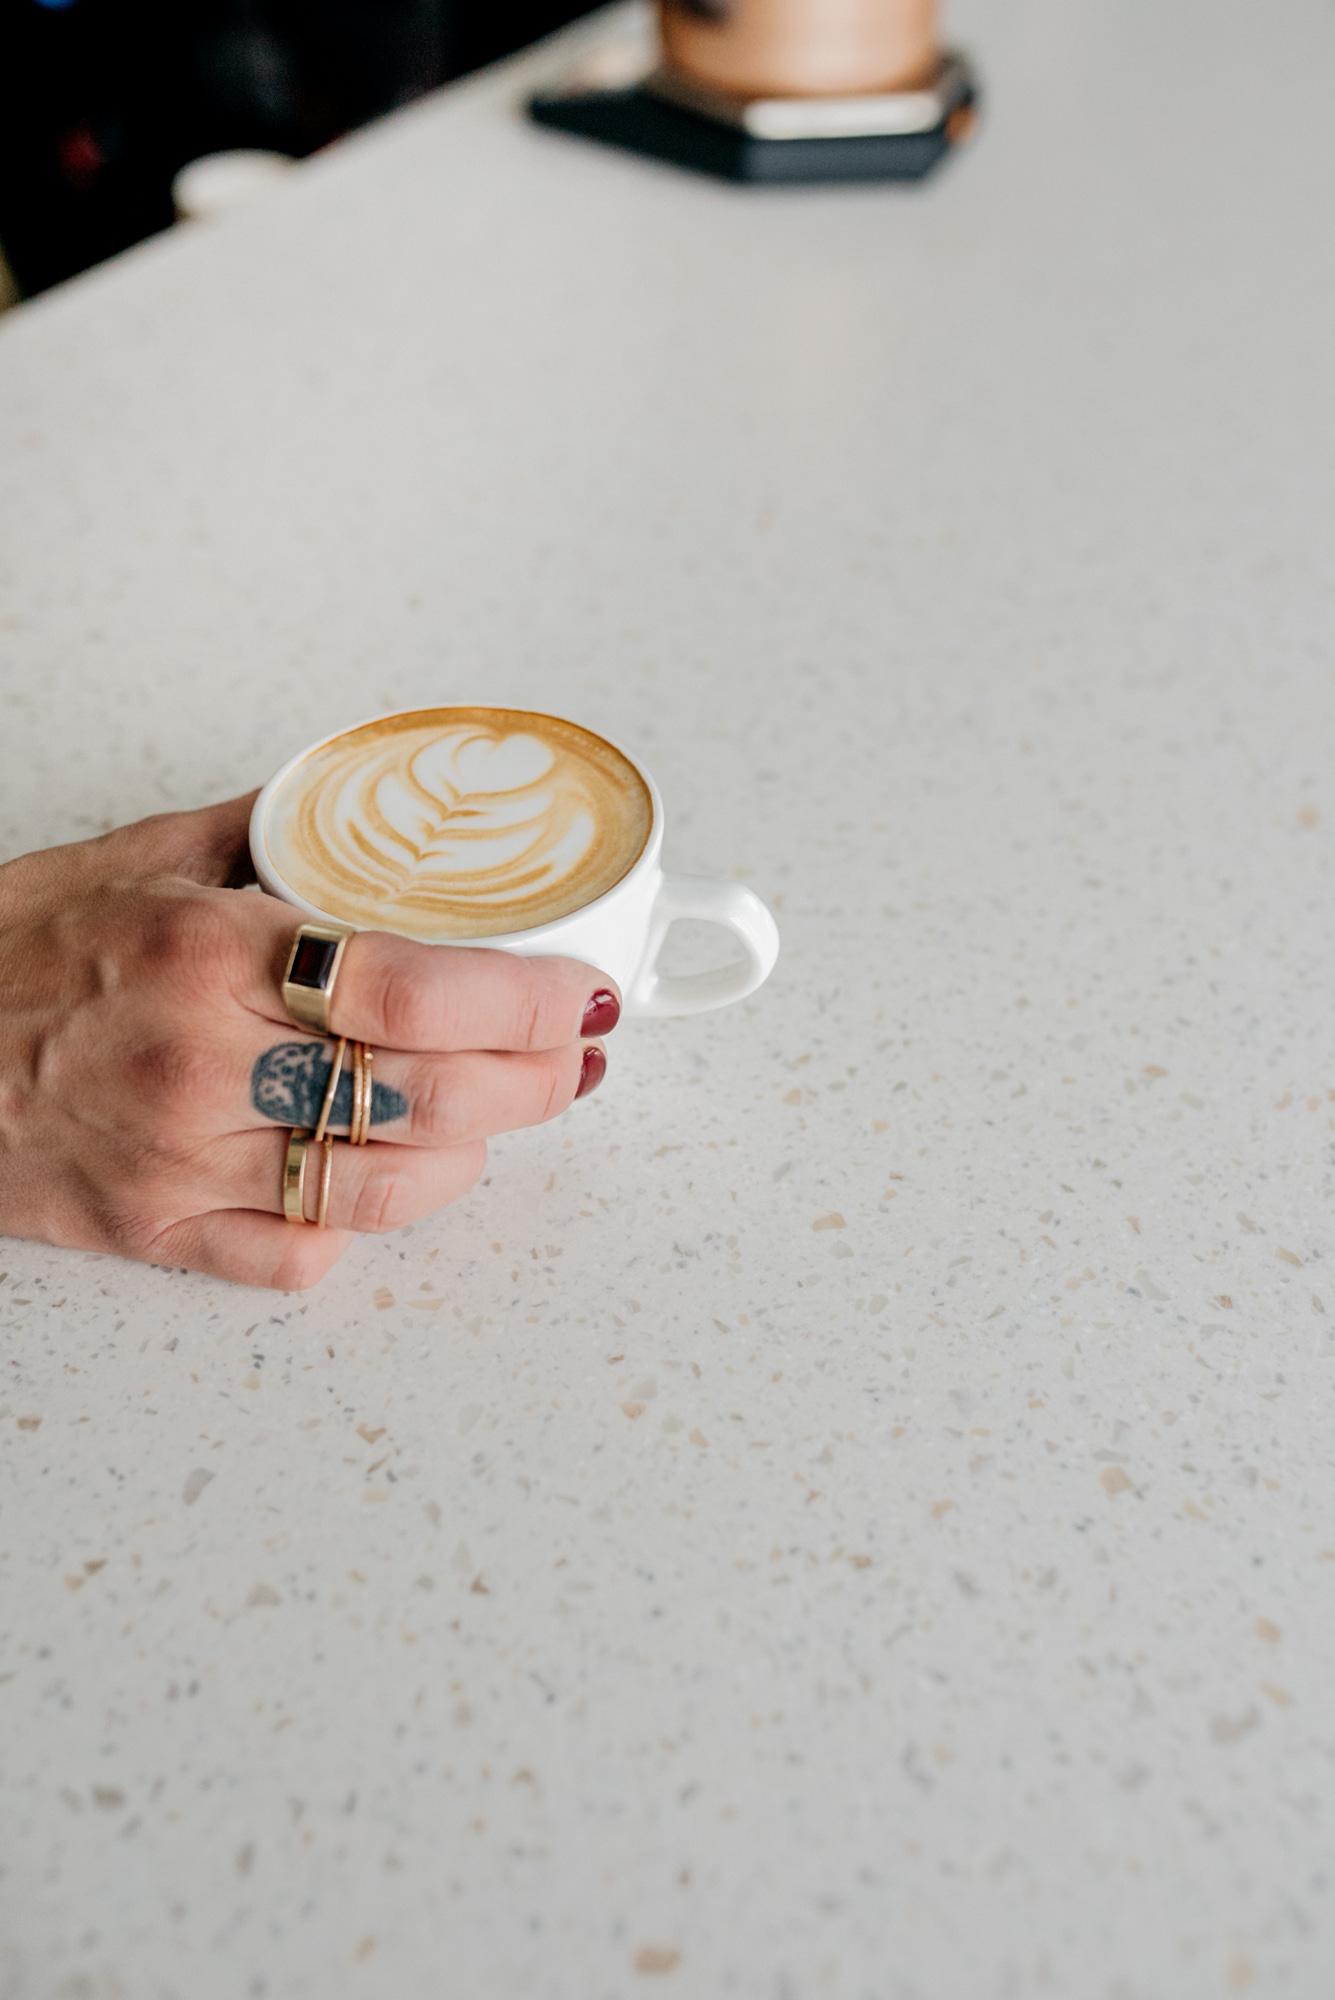 Latte Art On White Counter